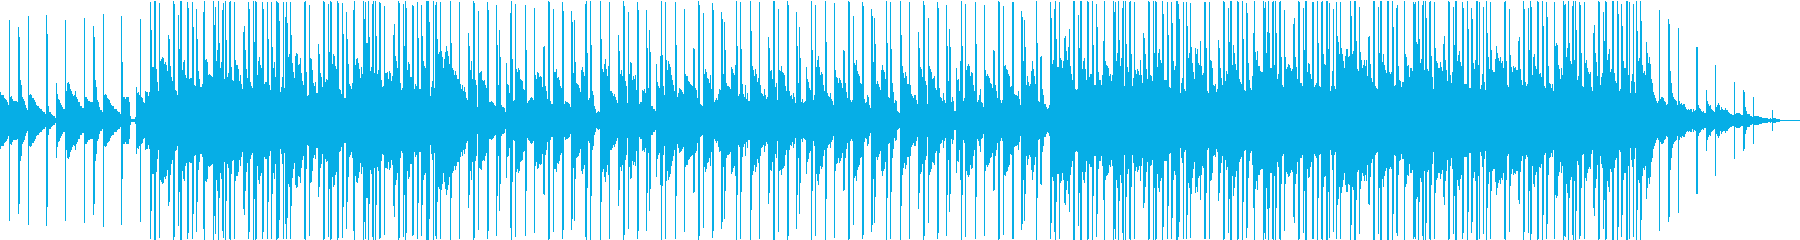 ピアノとストリングスのローファイビートの再生済みの波形